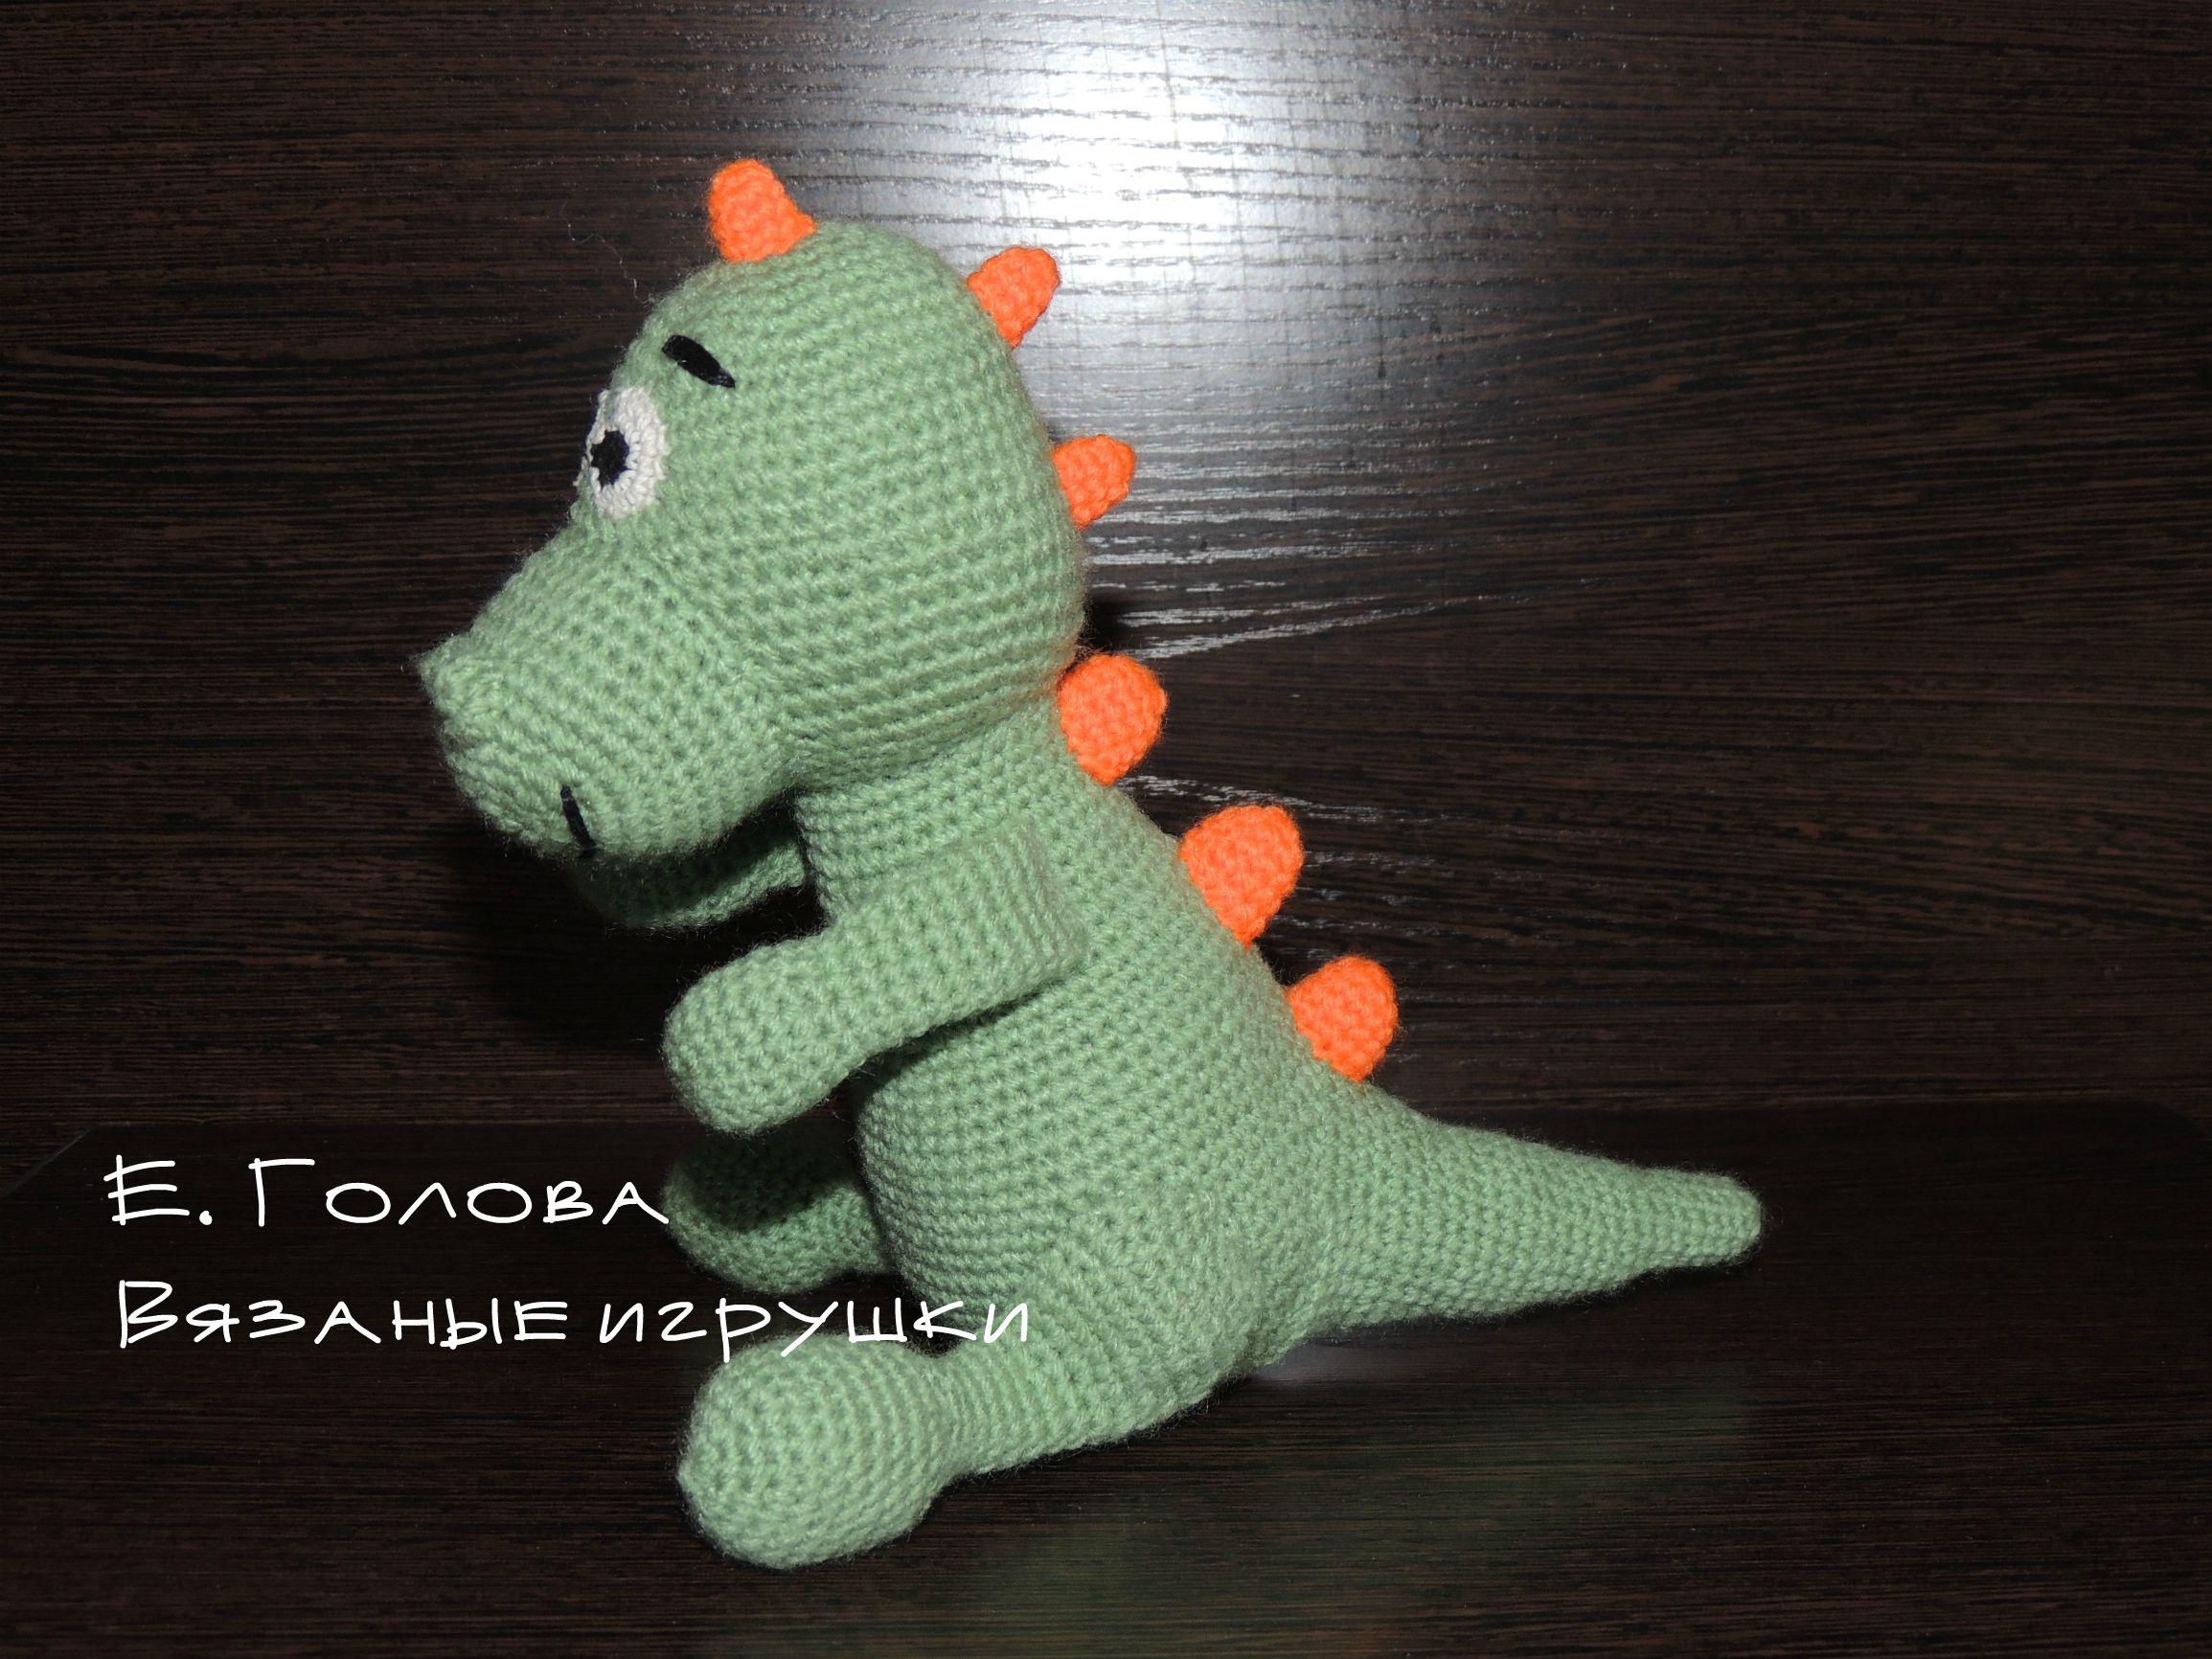 дракон игрушки дракоша